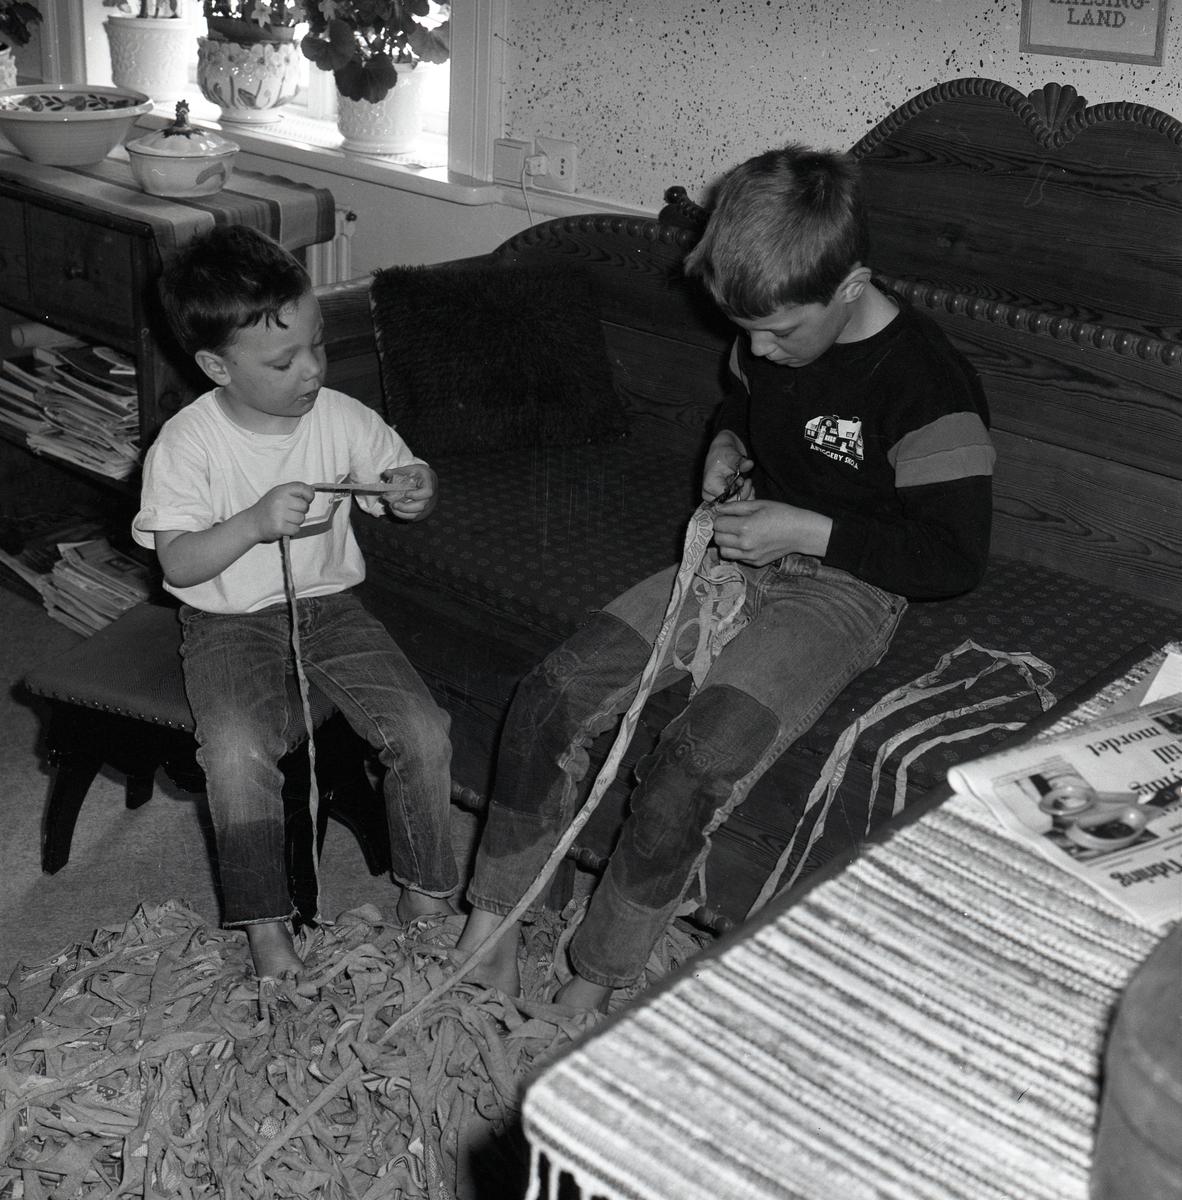 Två pojkar sitter på en träsoffa och en pall. De klipper och nystar mattrasor den 6 april 1988.